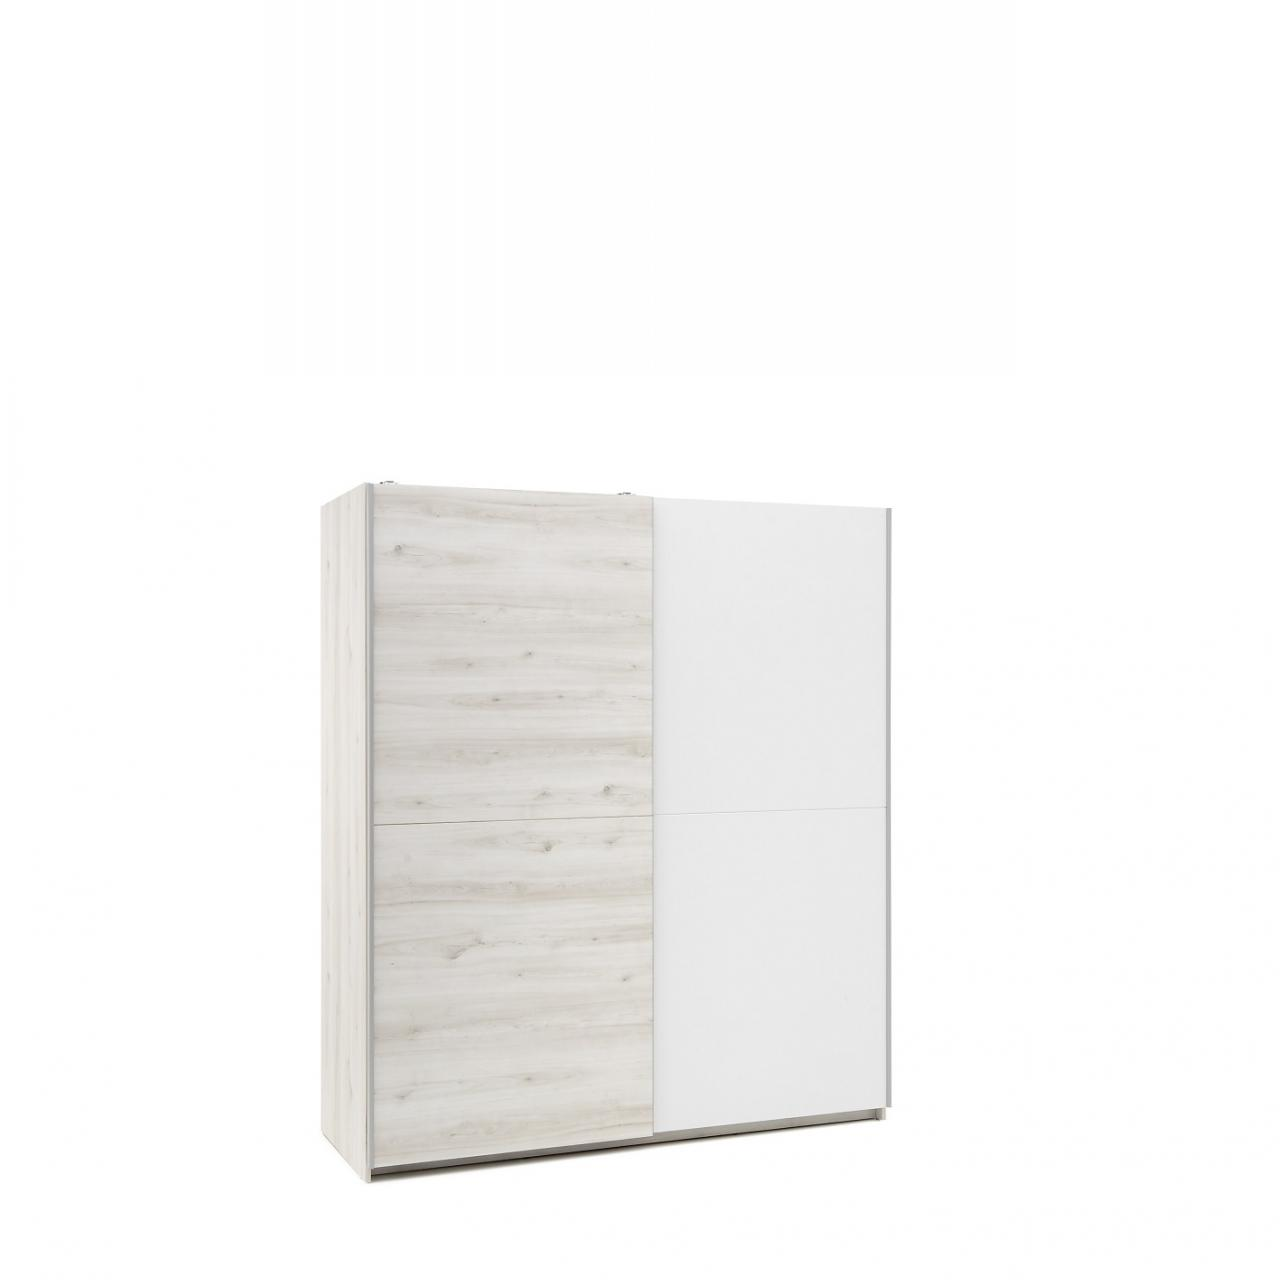 Schwebetürenschrank Cuby 2-türig Weiß Aurum Kleiderschrank Schlafzimmerschrank